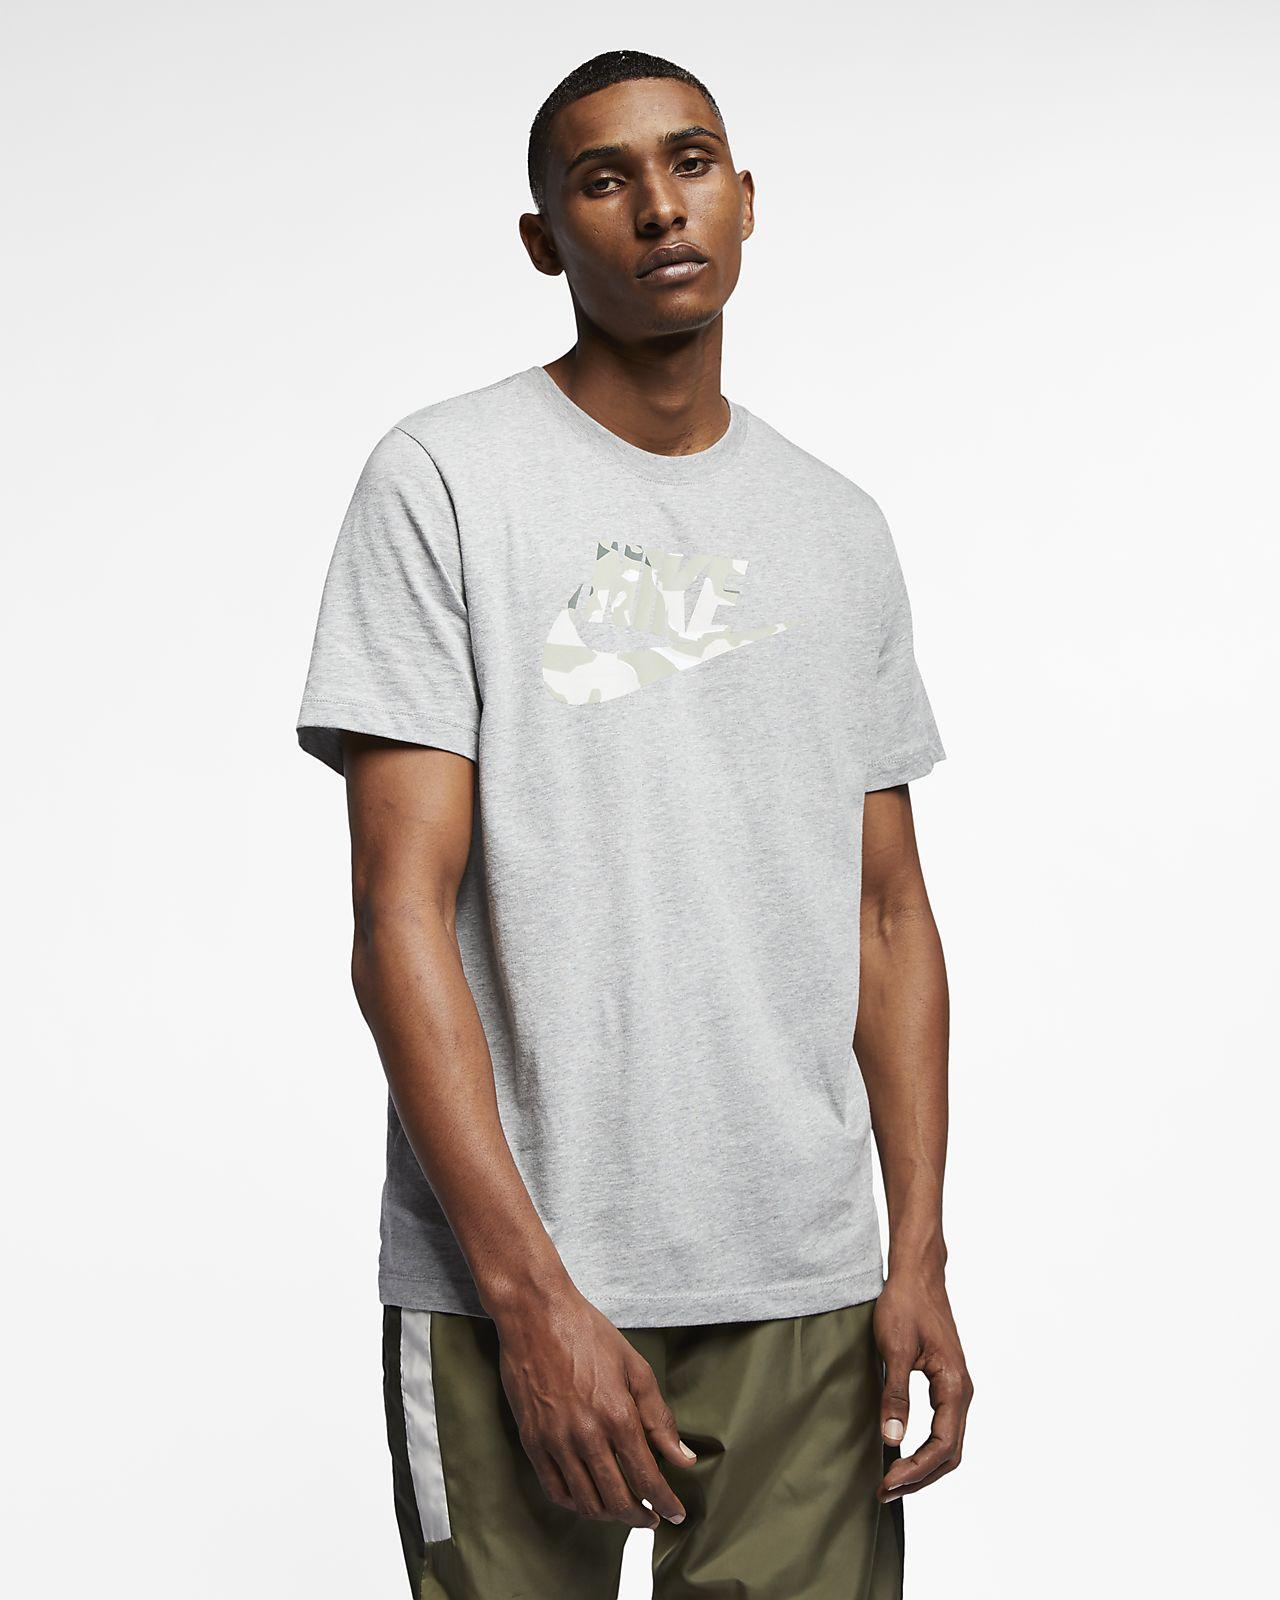 T Men's Camo Sportswear Shirt Ie Nike Oq5tn8wO